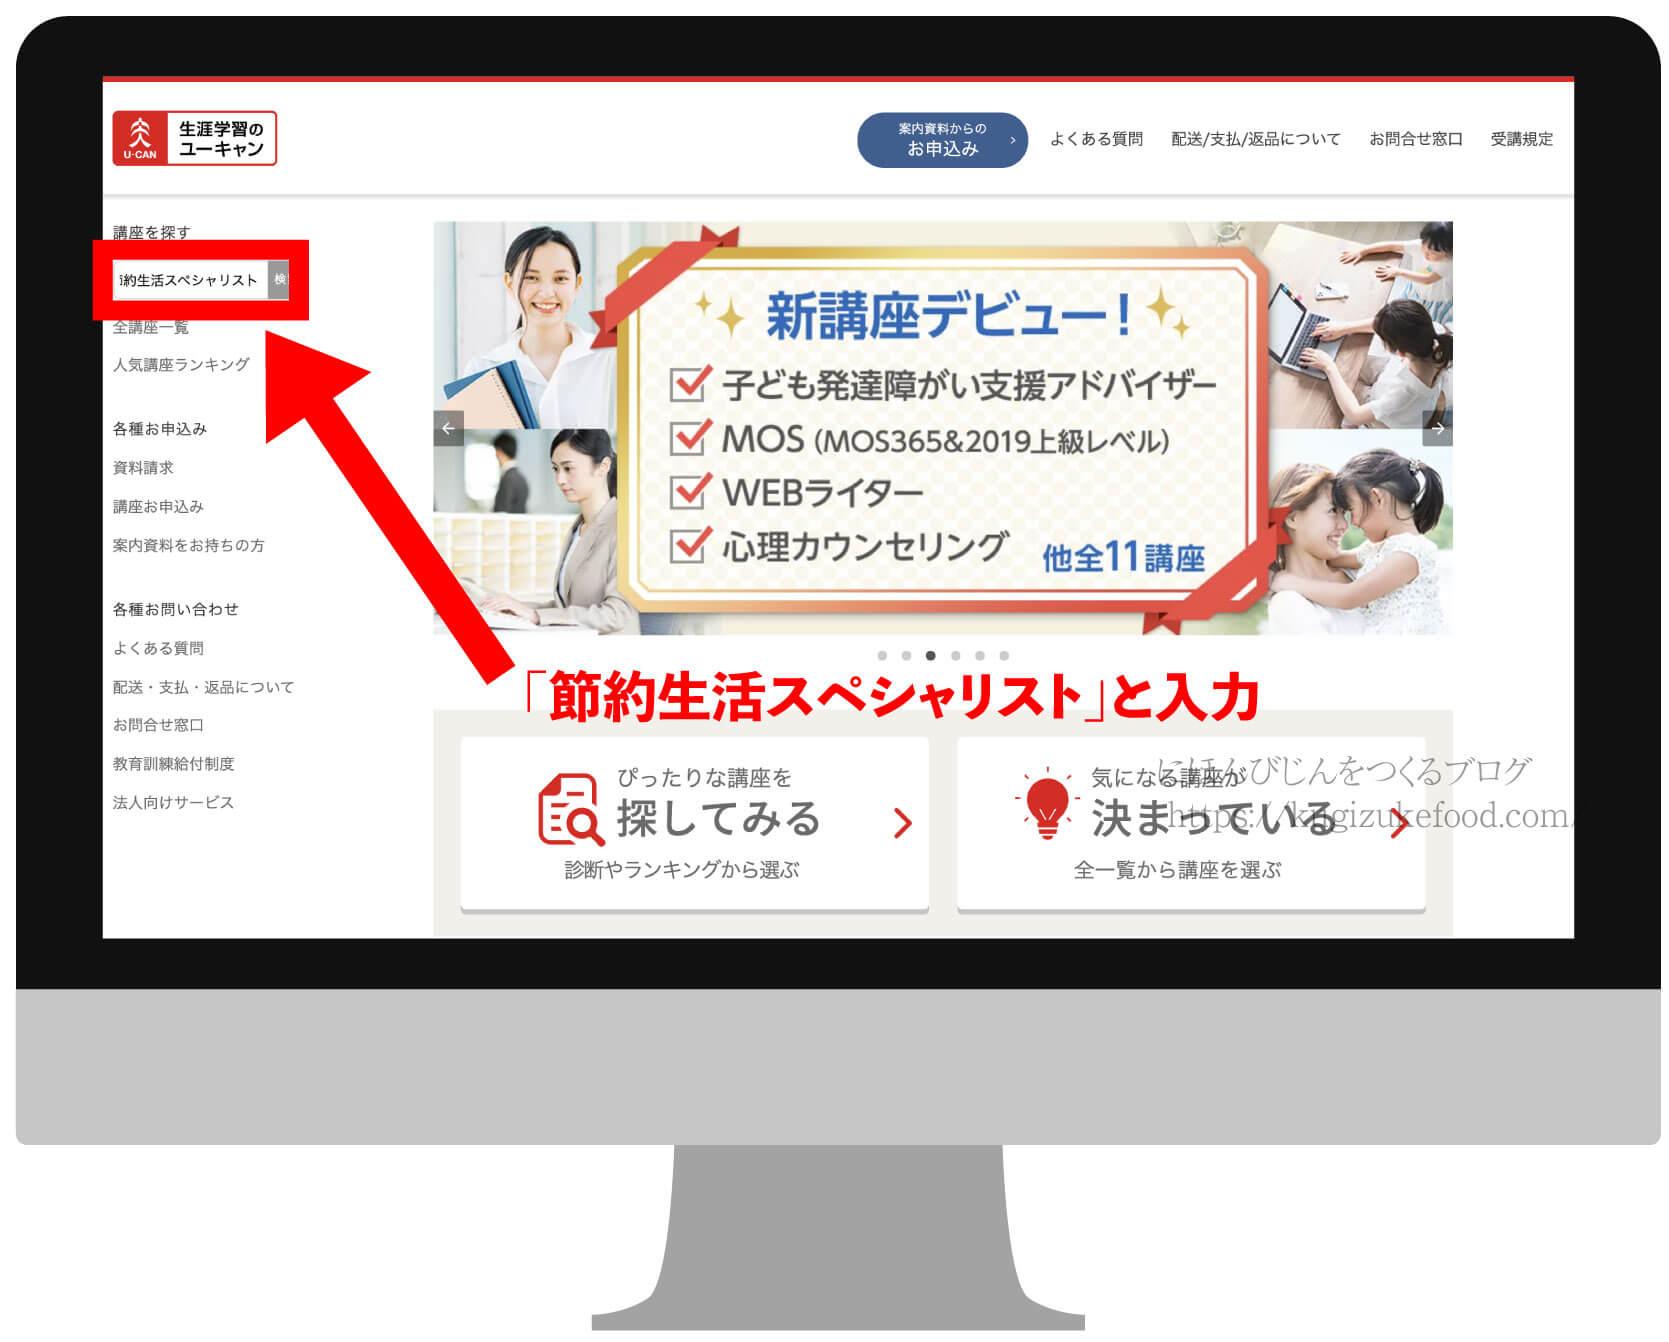 ユーキャンの節約生活スペシャリスト資格講座の受講申し込み画面